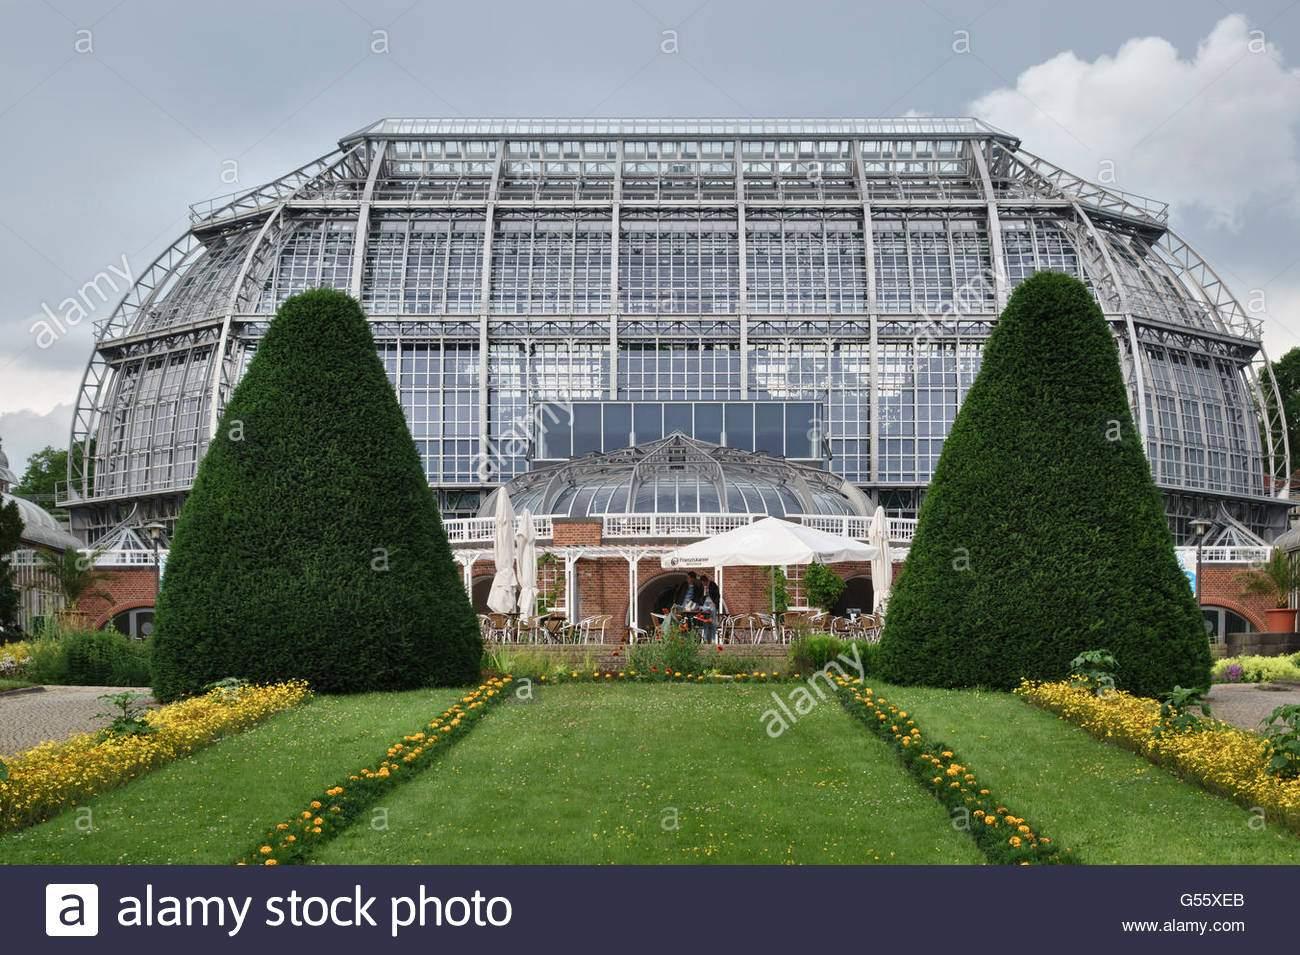 Botanischer Garten Und Botanisches Museum Berlin Dahlem Inspirierend Botanische Gärten Berlin Stockfotos & Botanische Gärten